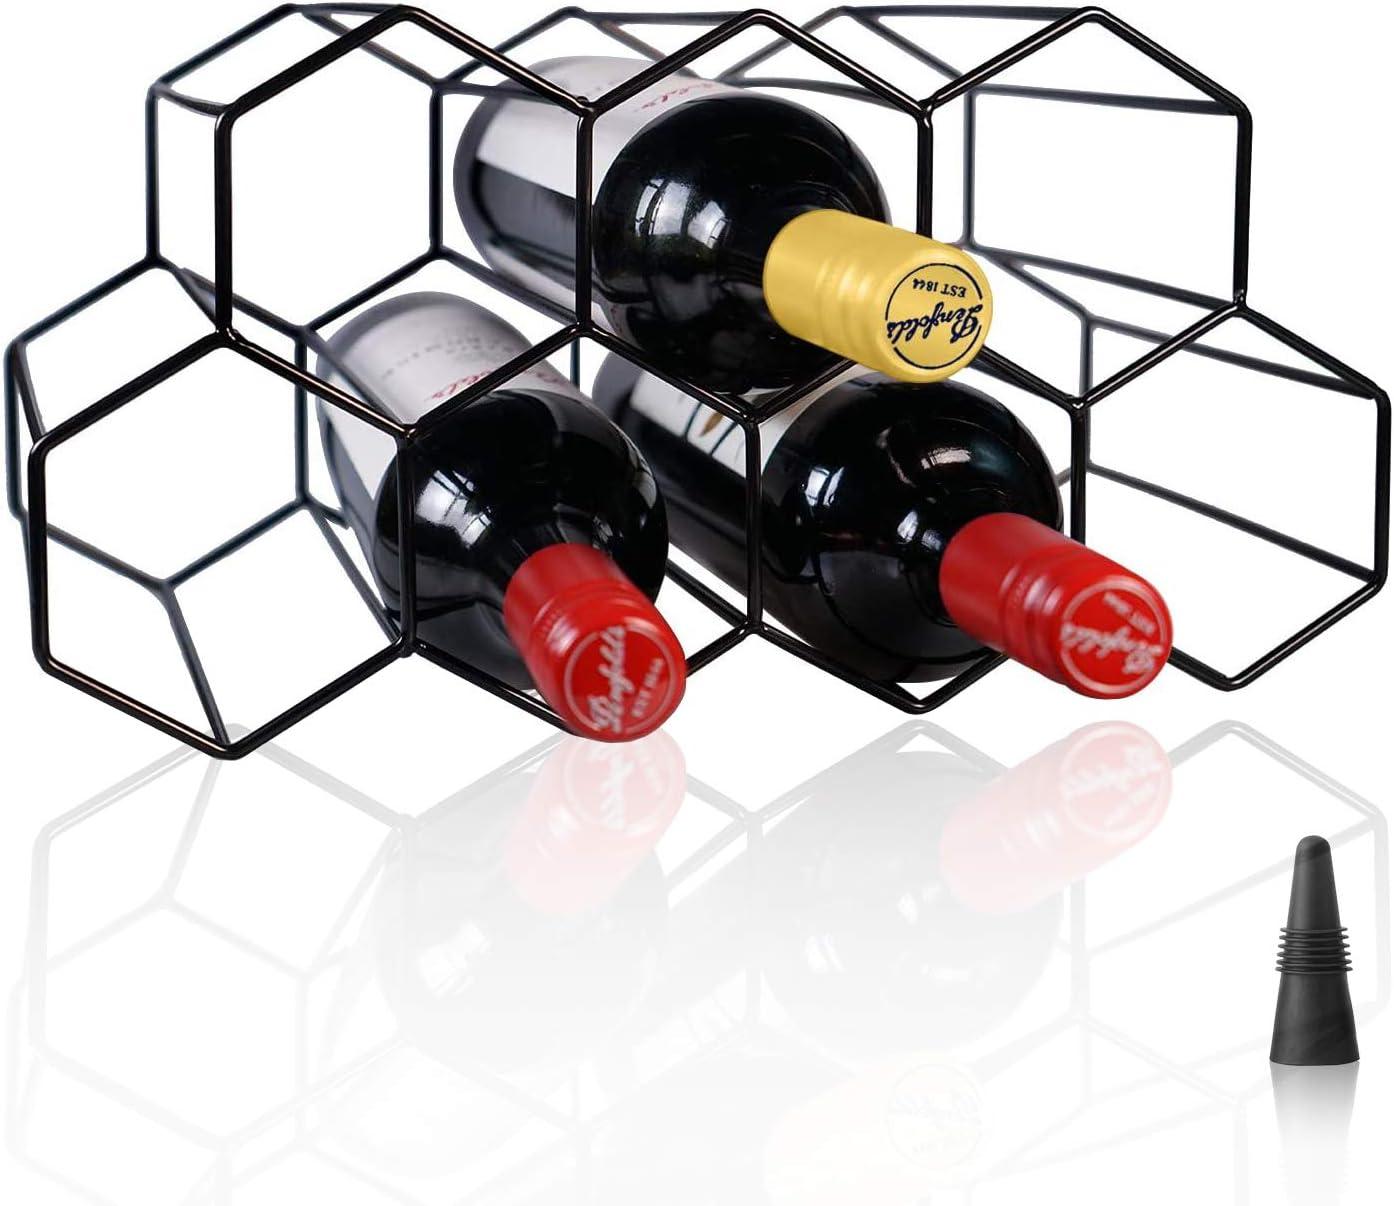 Max 46% OFF Wine Racks Countertop Rack Freestanding Holders Floor sale